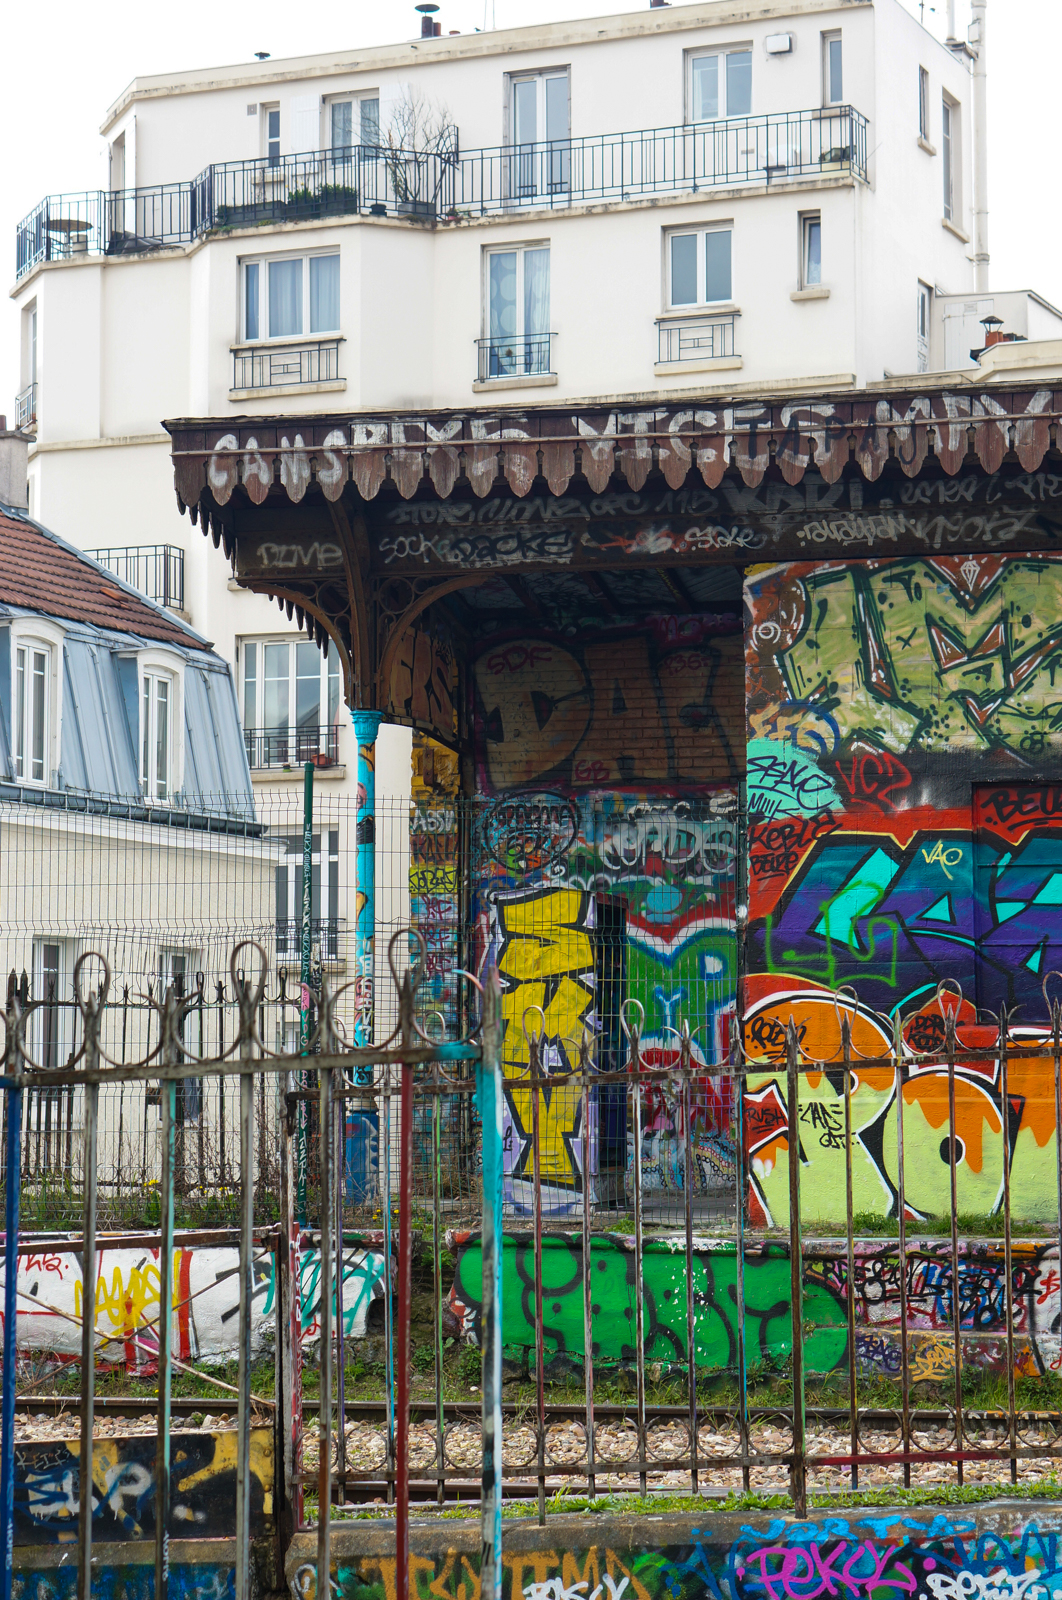 paris 20, balade paris 20, paris underground, paris alternatif, paris insolite, découvrir paris 20, que faire paris 20, balade originale paris 20, petite ceinture, petite cienture paris, street art paris, street art paris 20